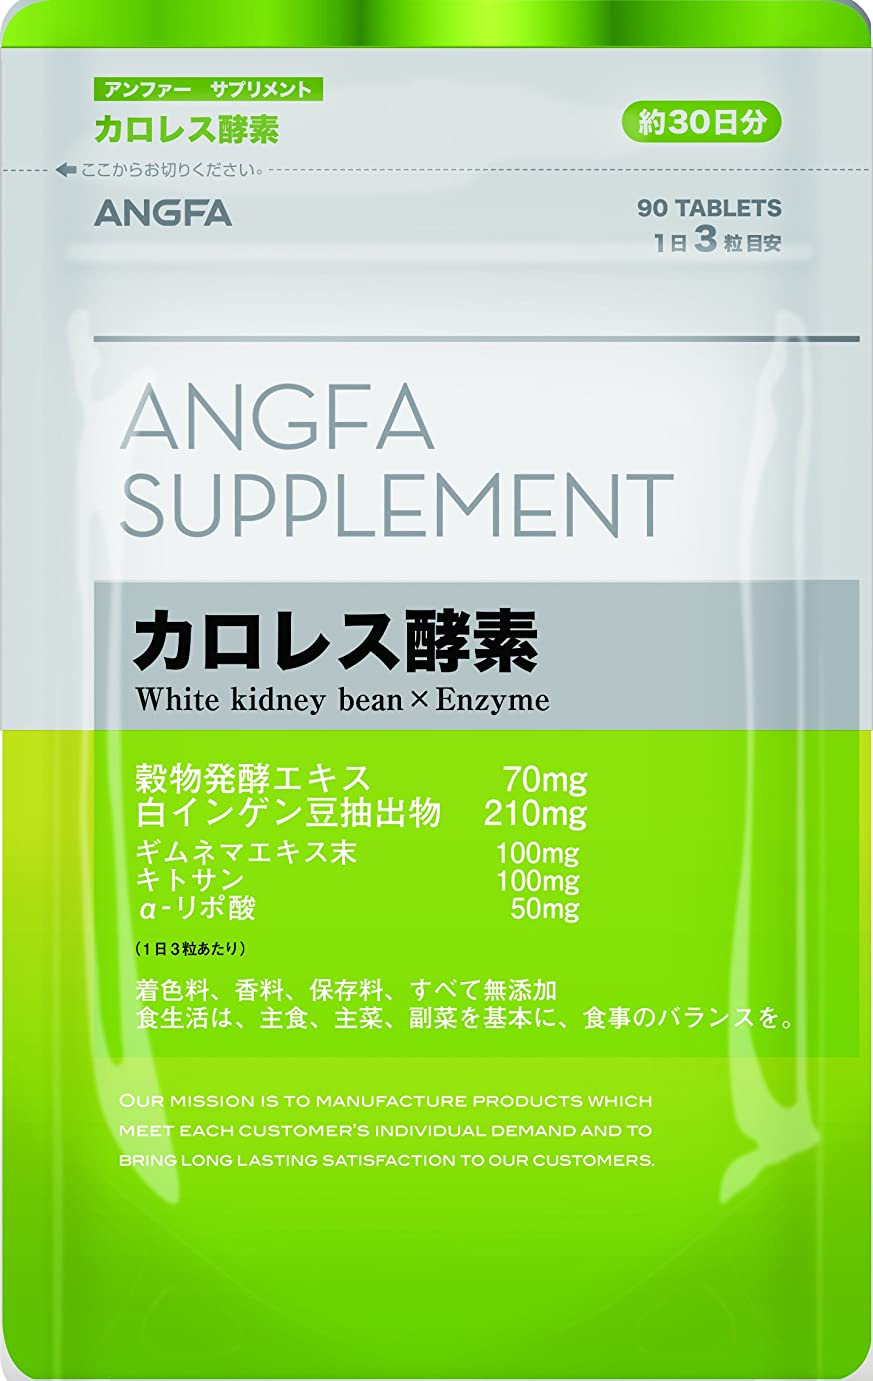 絶妙ティーンエイジャー保護するアンファー (ANGFA) サプリメント カロレス酵素 90粒 ダイエットサポート サプリメント